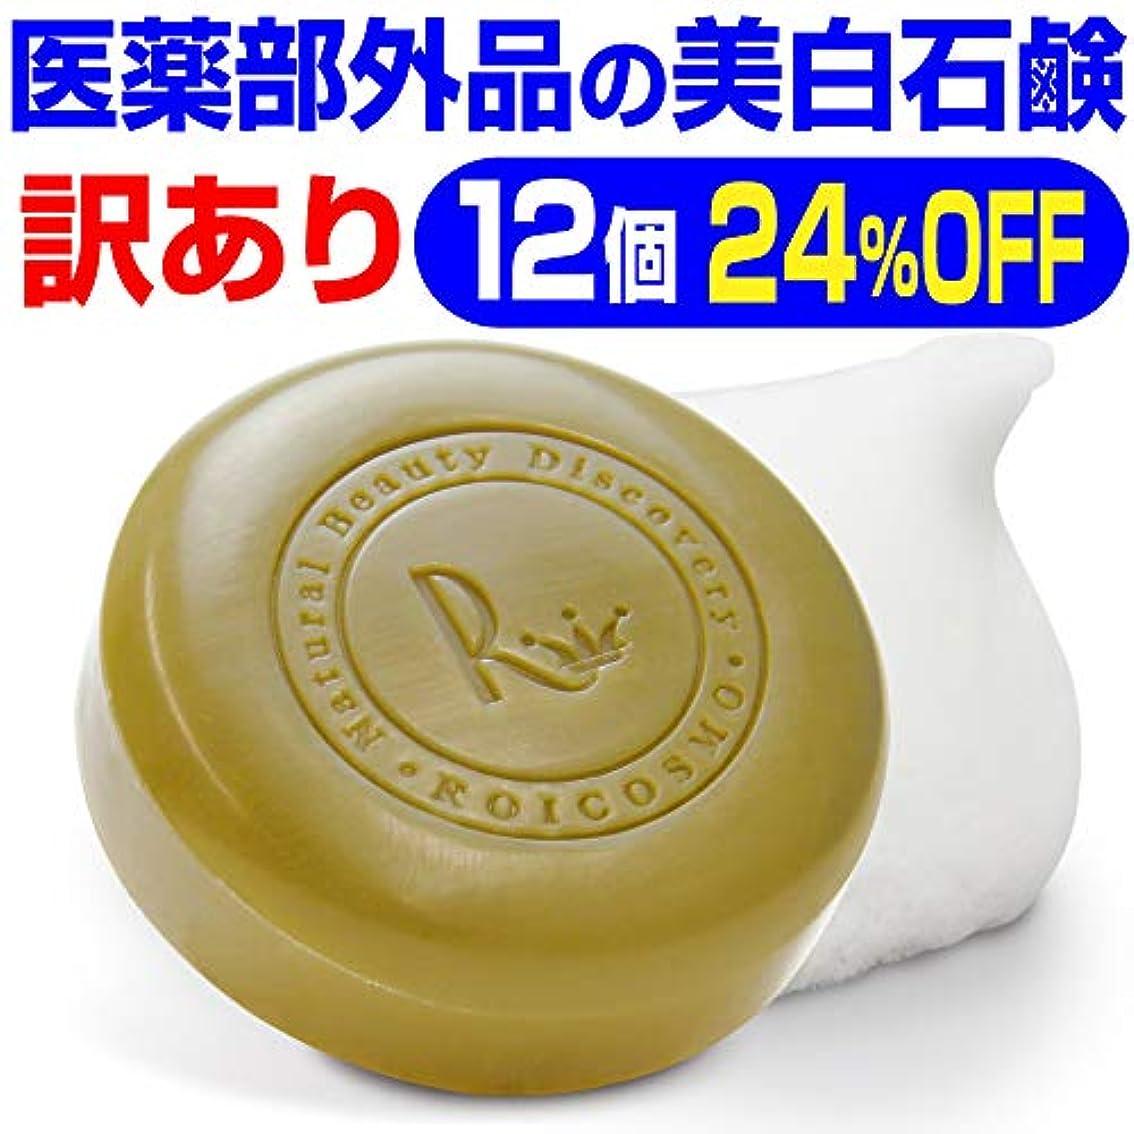 甲虫肘掛け椅子極めて重要な訳あり24%OFF(1個2,036円)売切れ御免 ビタミンC270倍の美白成分の 洗顔石鹸『ホワイトソープ100g×12個』